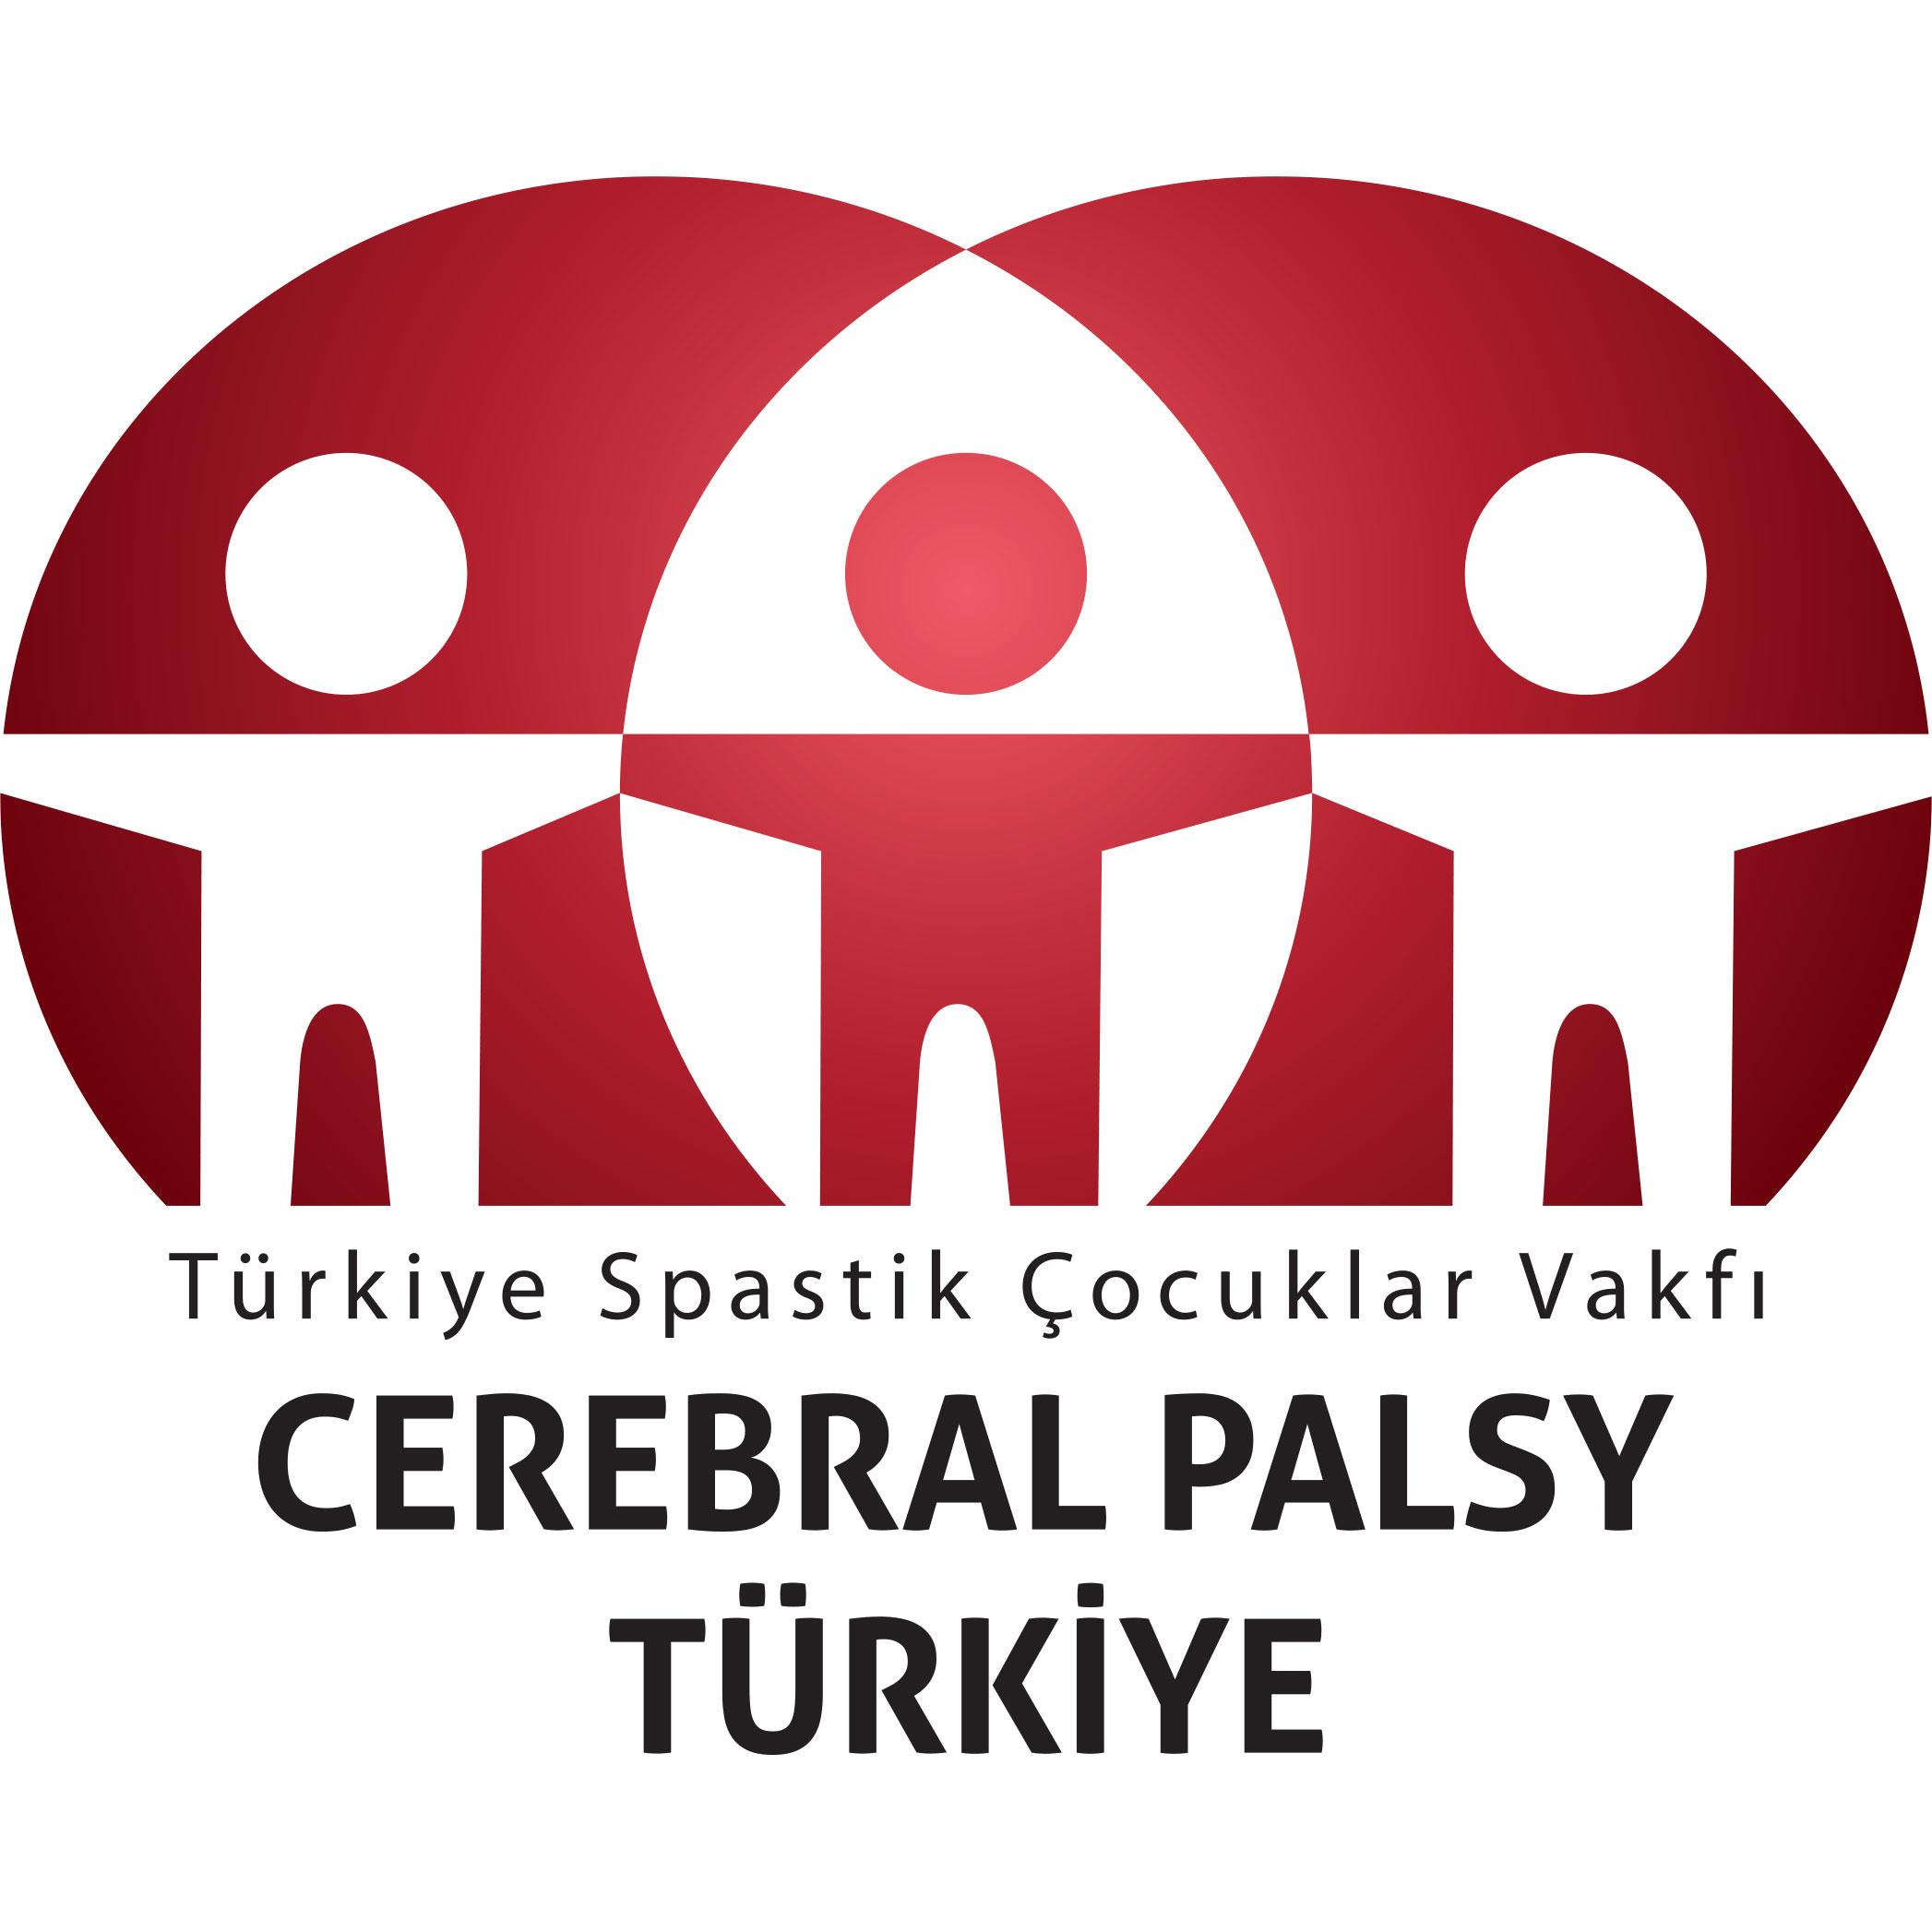 turkiye_sipastik_cocuklar_vakfi_logo